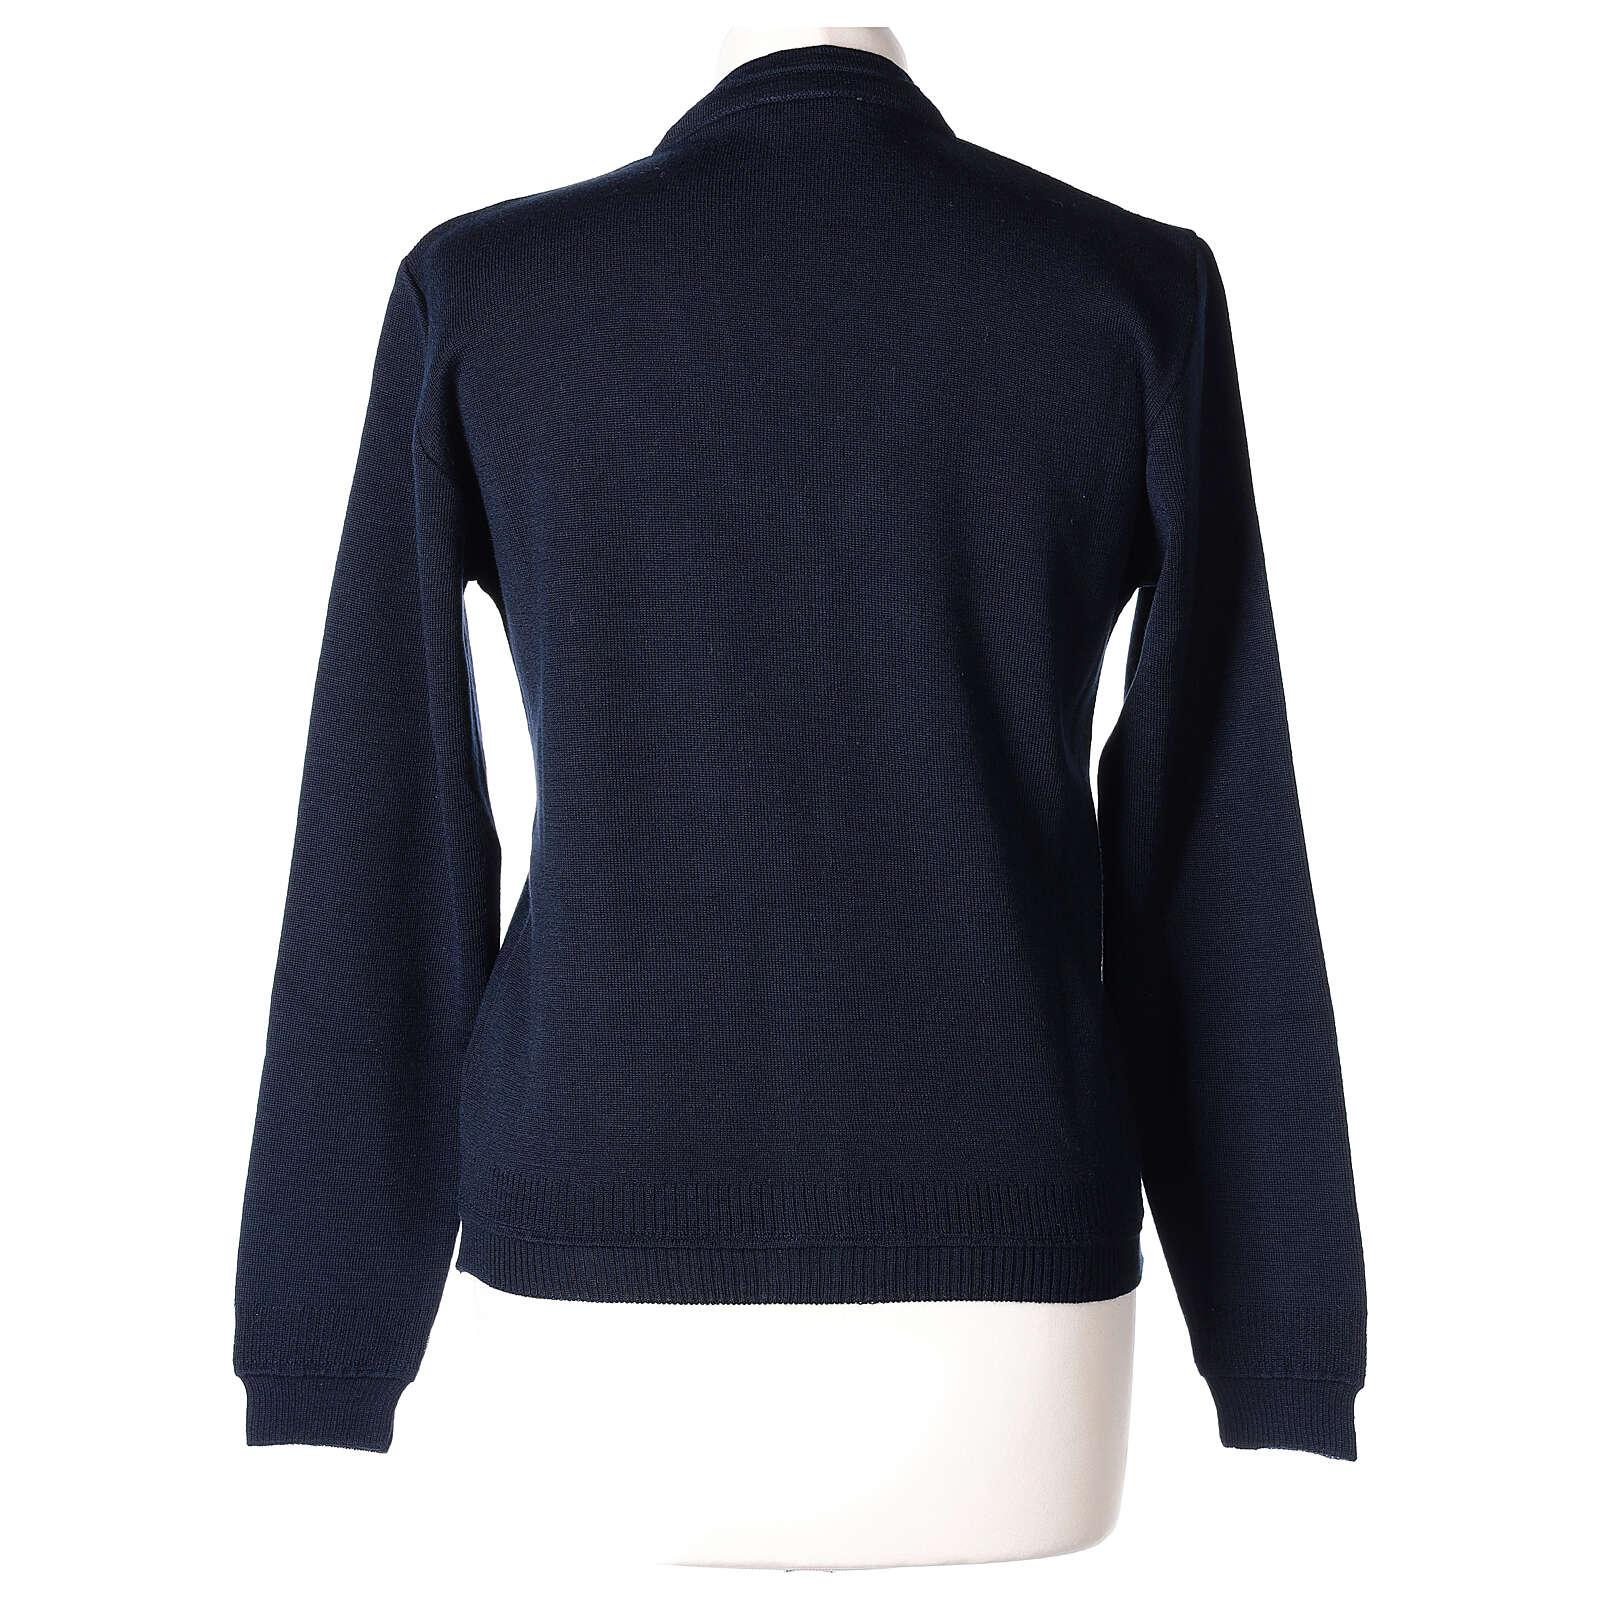 kurzer Damen-Cardigan, blau, mit V-Ausschnitt, 50% Acryl - 50% Merinowolle, In Primis 4